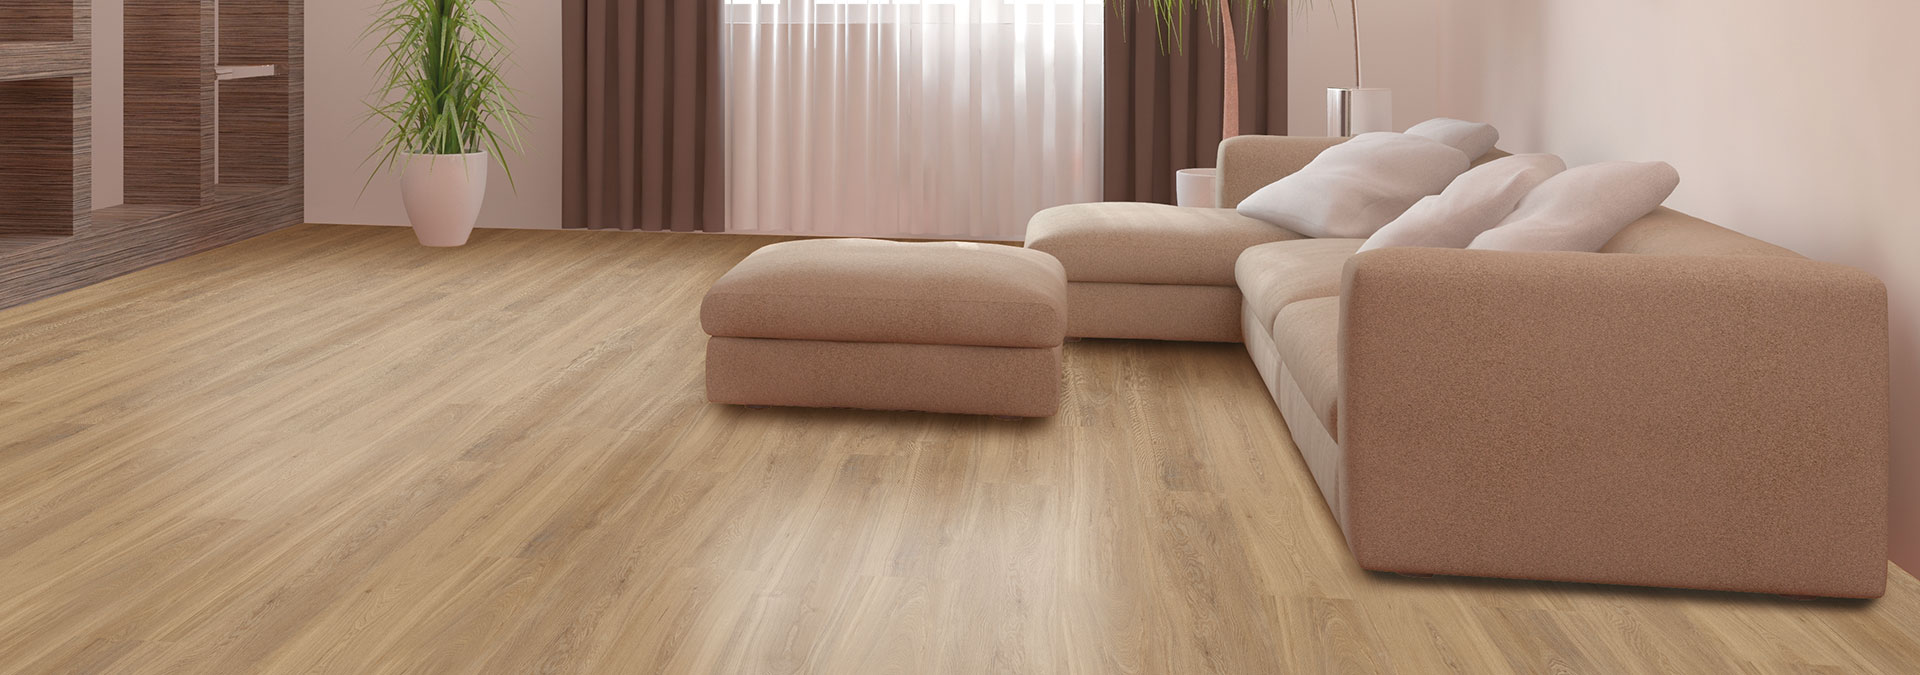 Designboden Kernesche Natur im Wohnzimmer